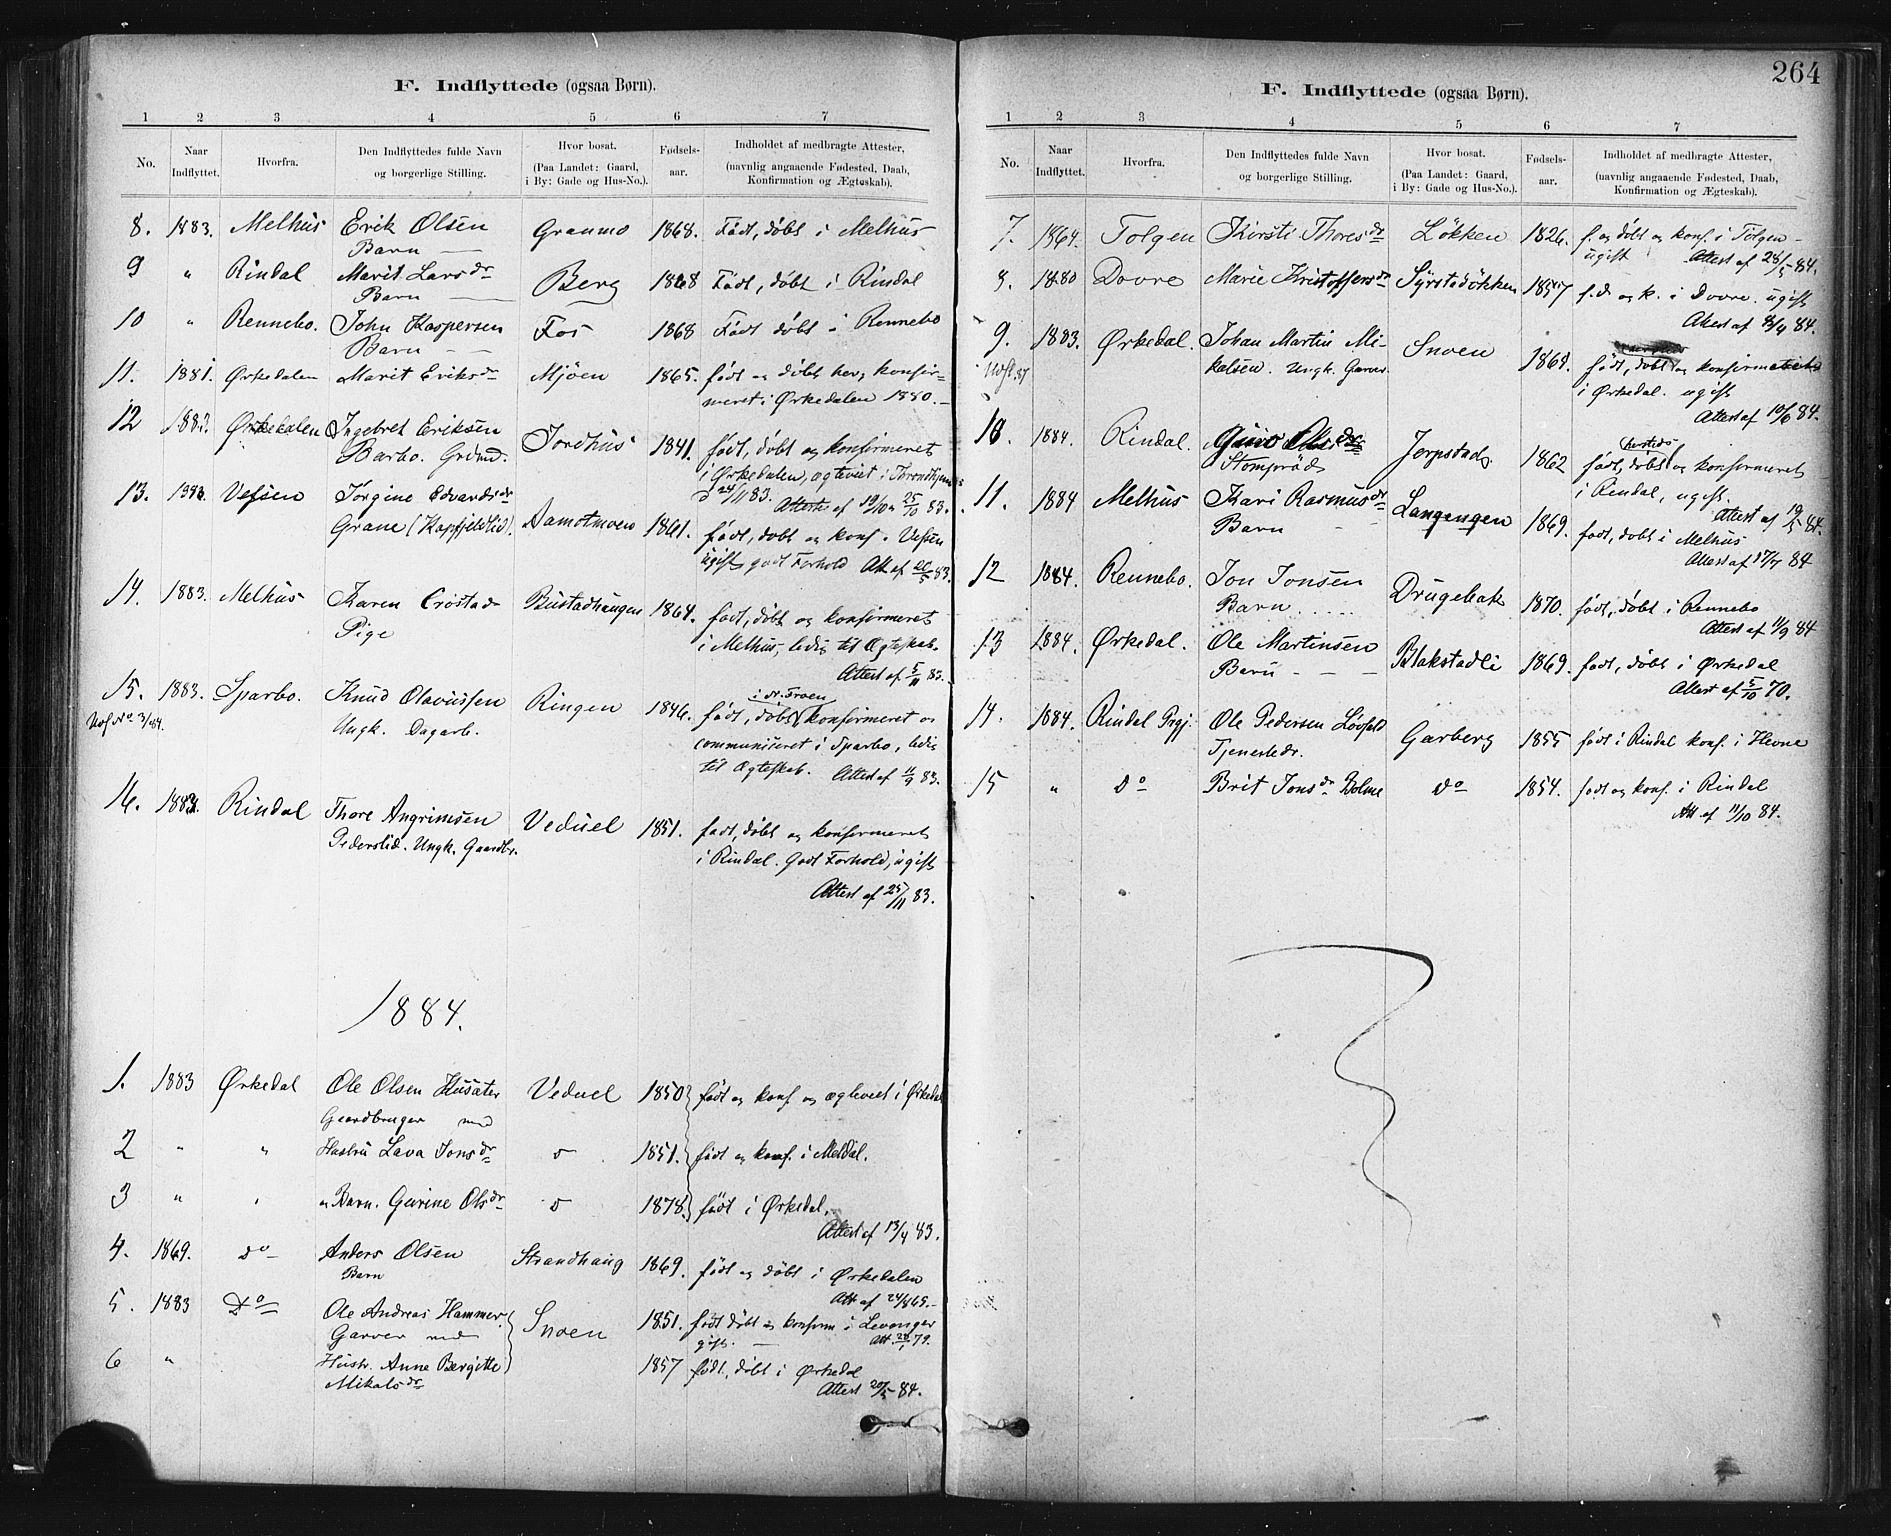 SAT, Ministerialprotokoller, klokkerbøker og fødselsregistre - Sør-Trøndelag, 672/L0857: Ministerialbok nr. 672A09, 1882-1893, s. 264